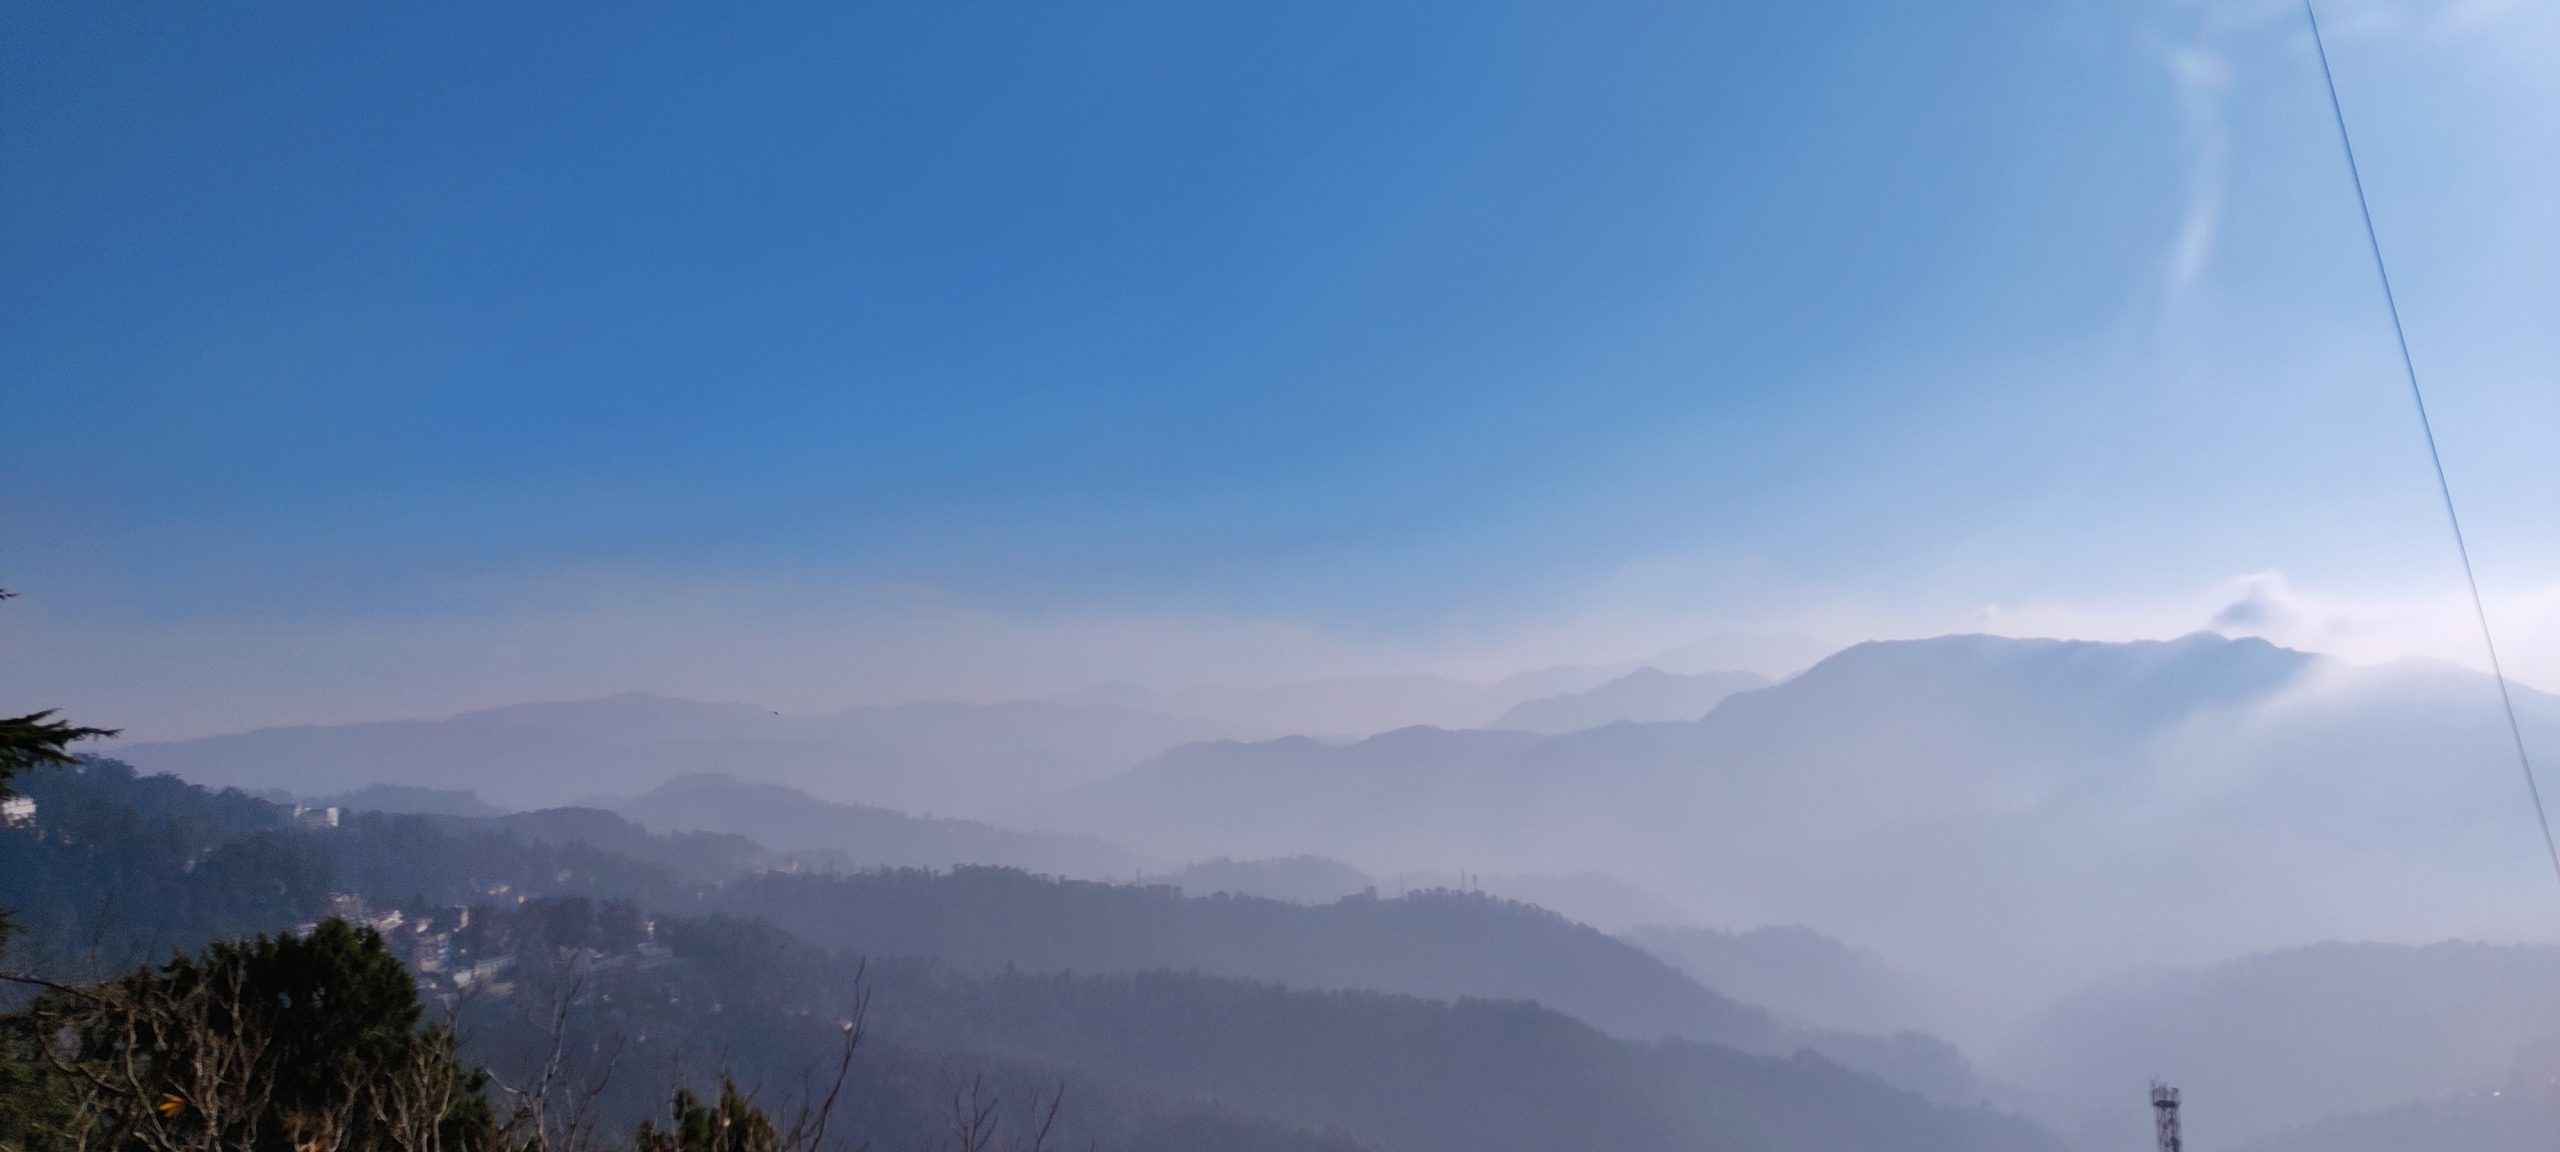 valleys of mountain